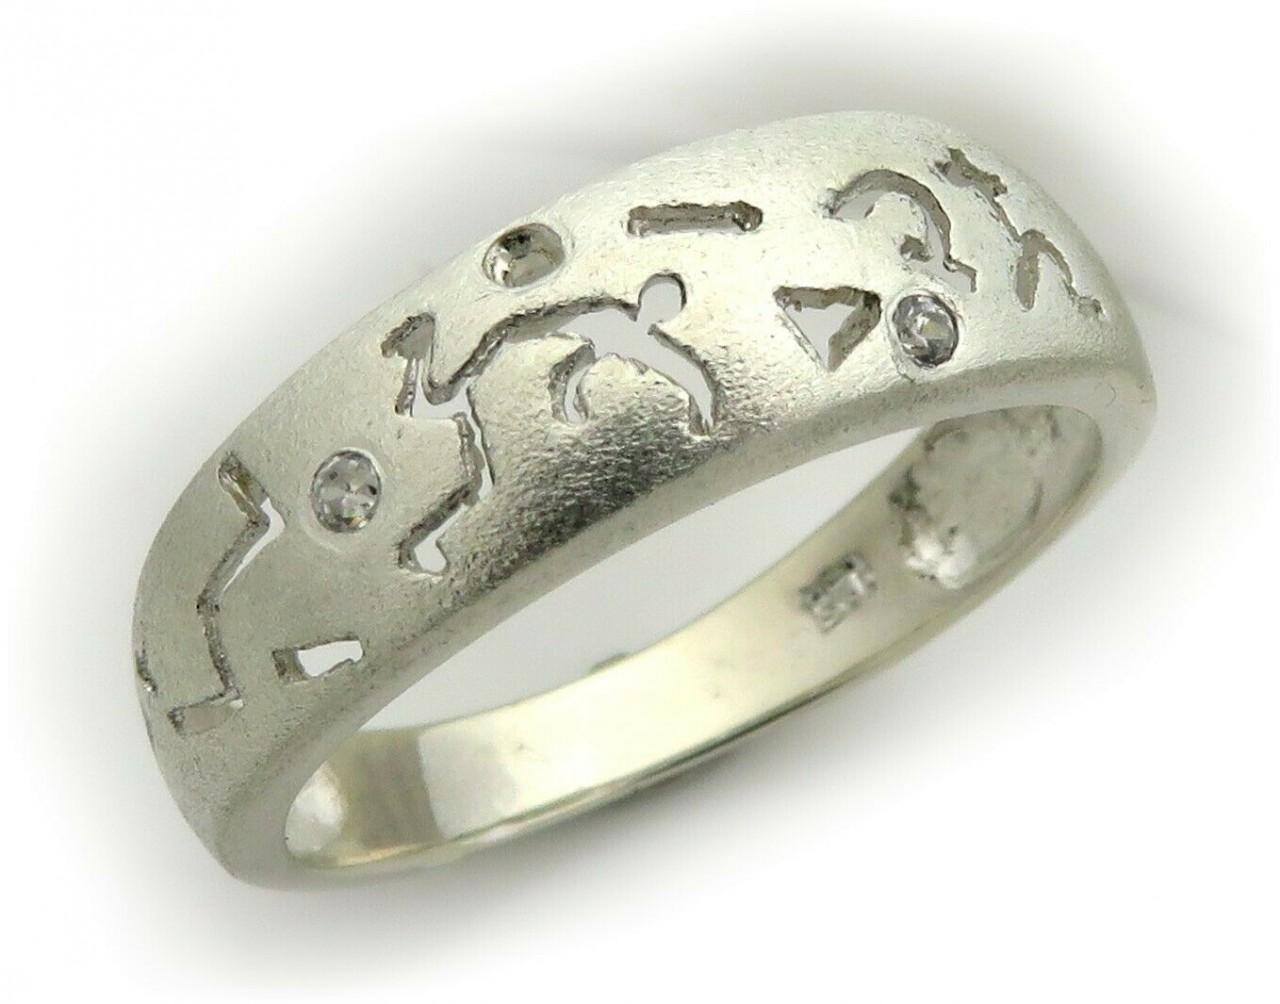 Ring Figuren Ajour echt Silber 925 Sterlingsilber Zirkonia Zeichen Sägearbeit